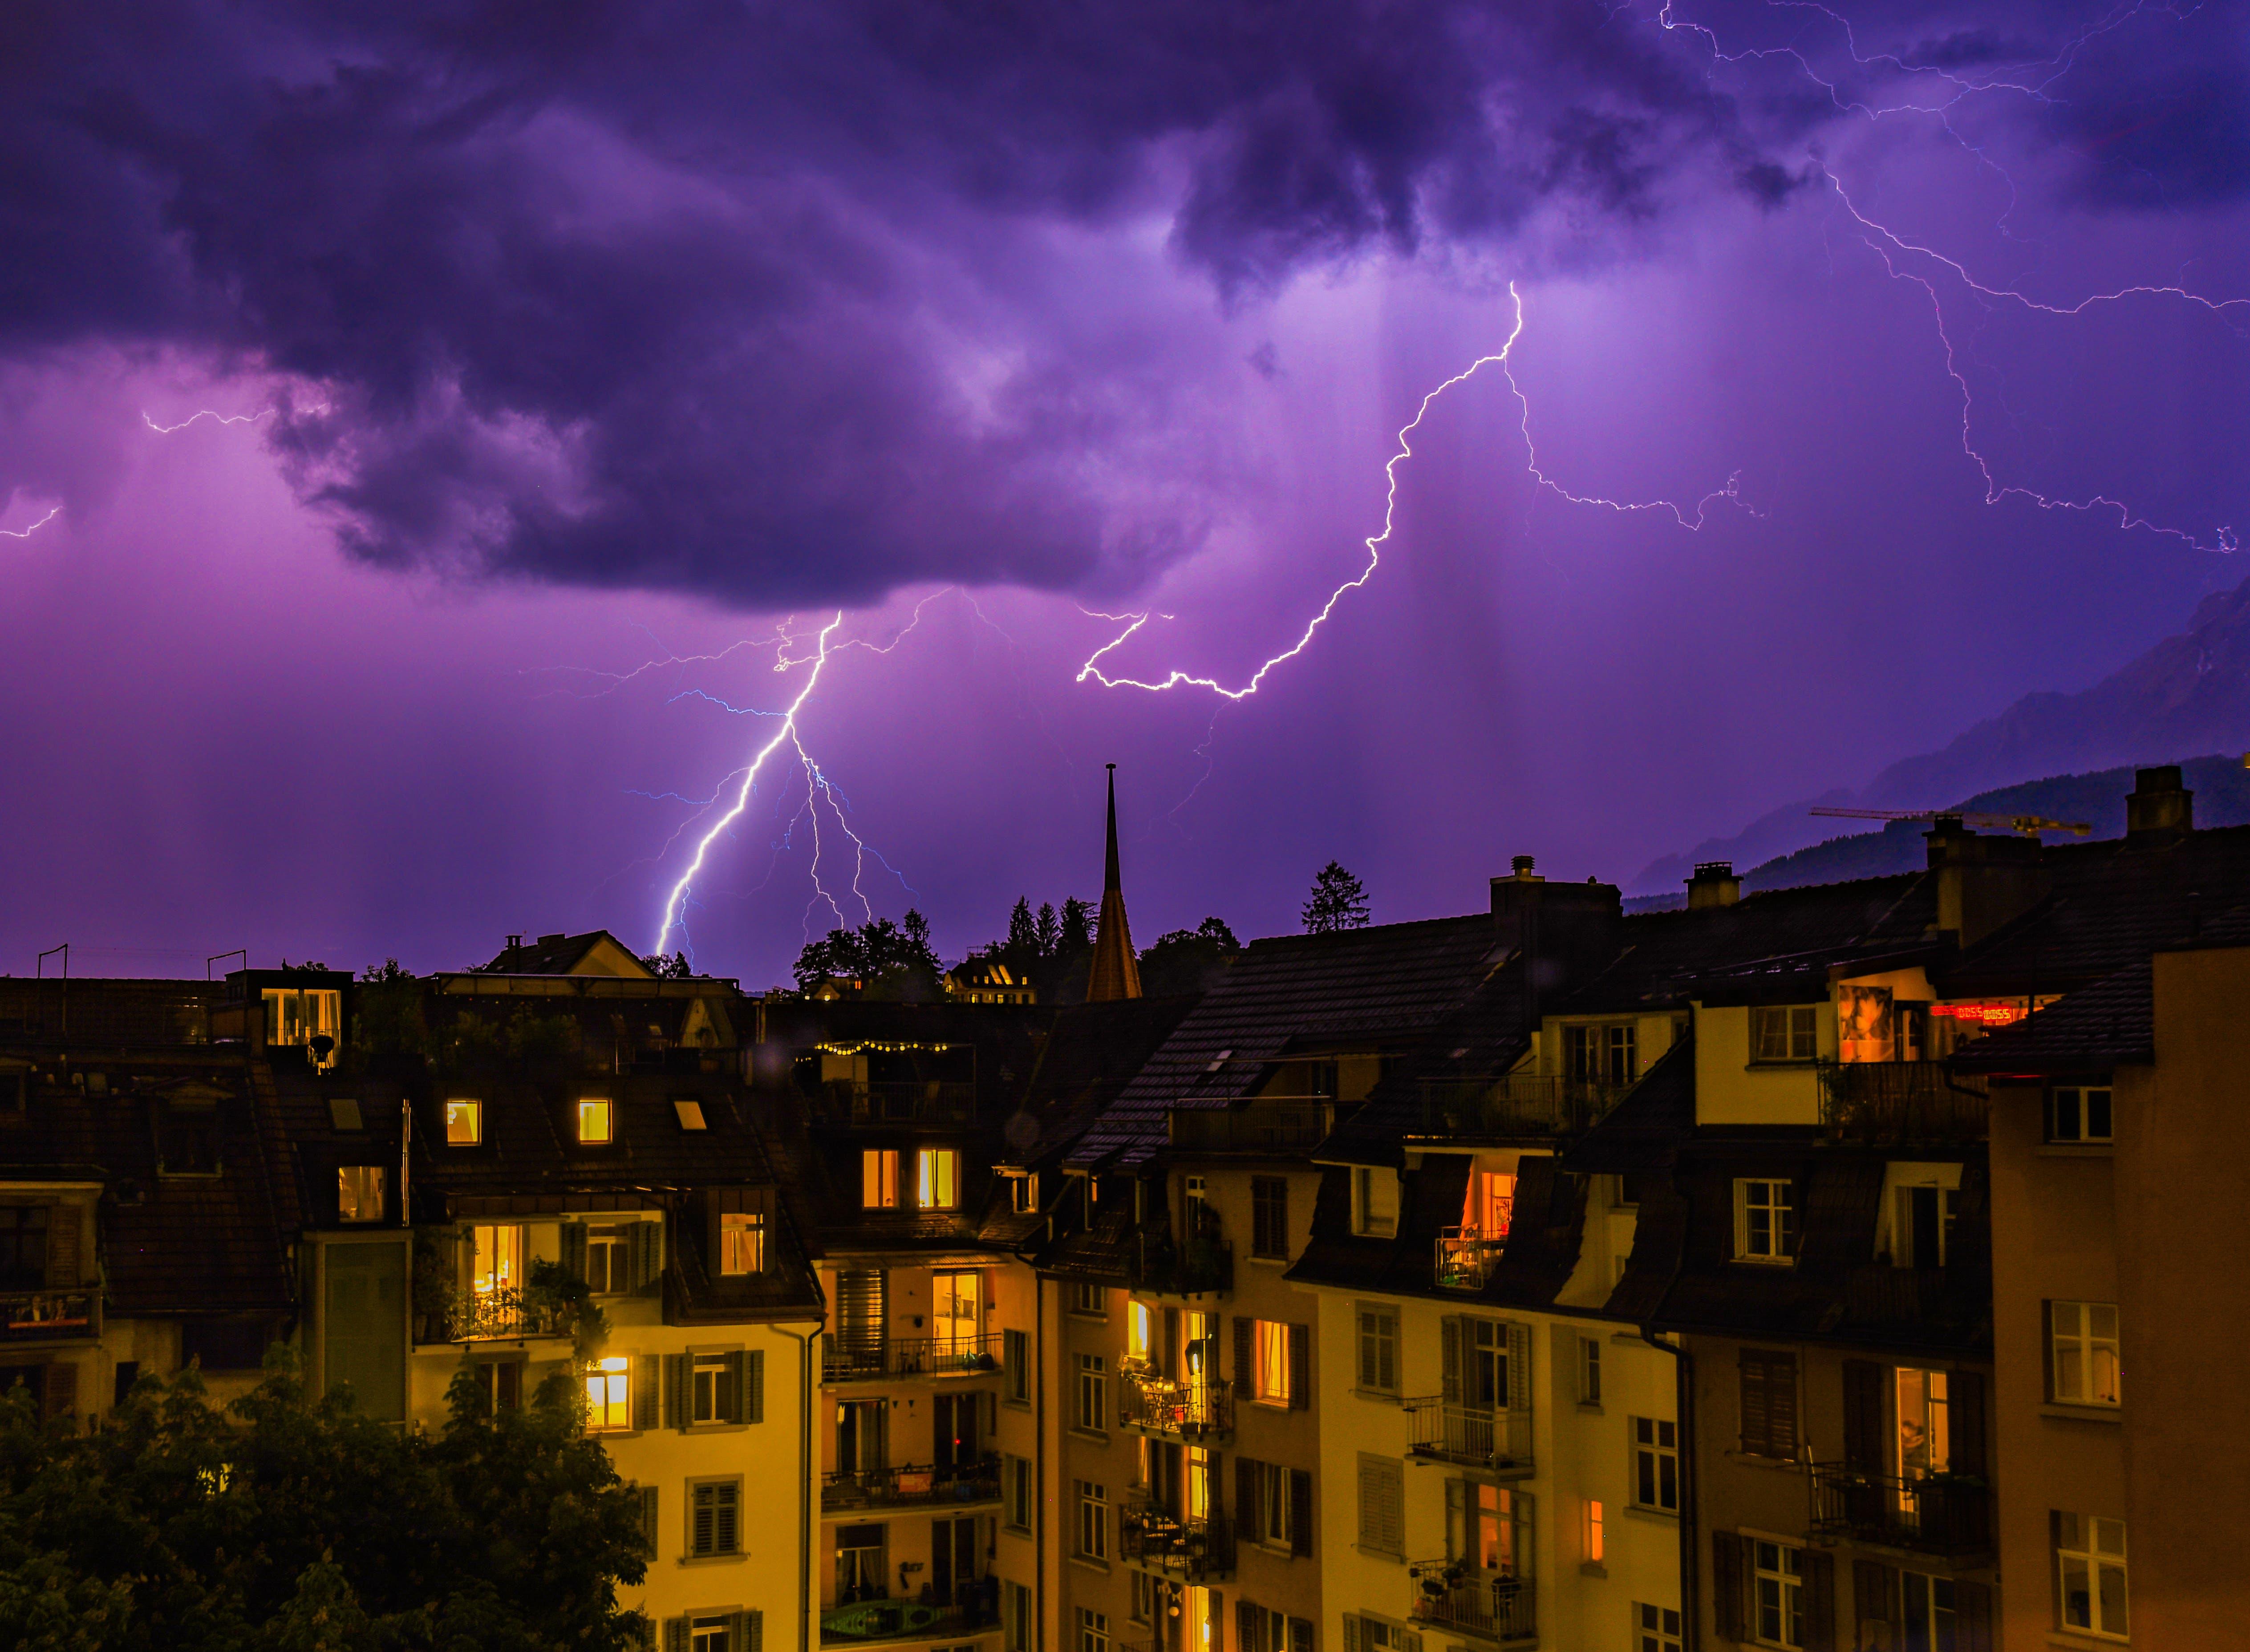 Ein Blitzgewitter in der Stadt Luzern.